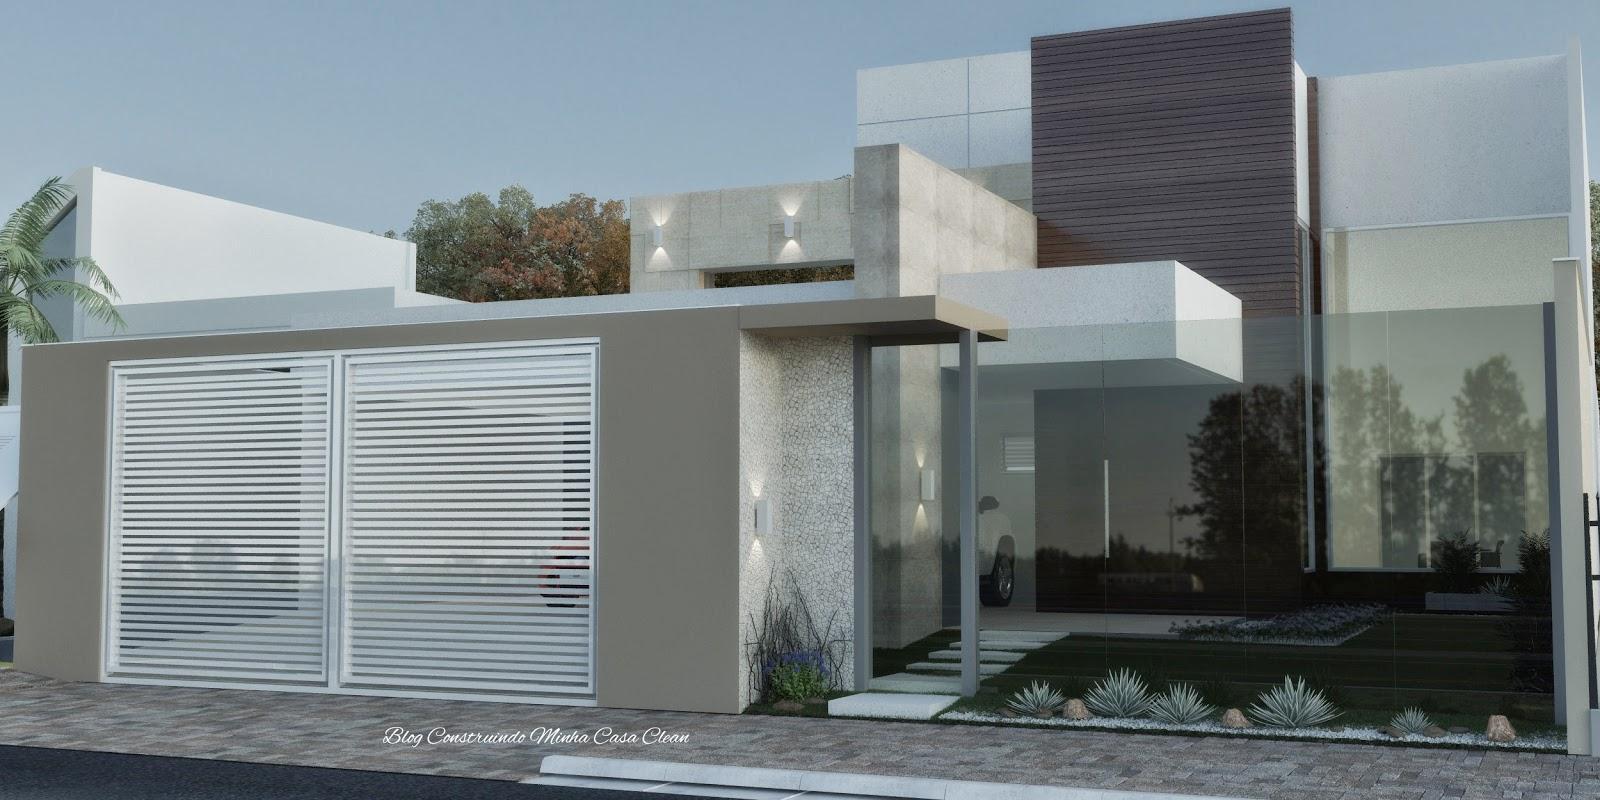 Construindo minha casa clean fachadas de casas com muros for Aberturas para casas modernas